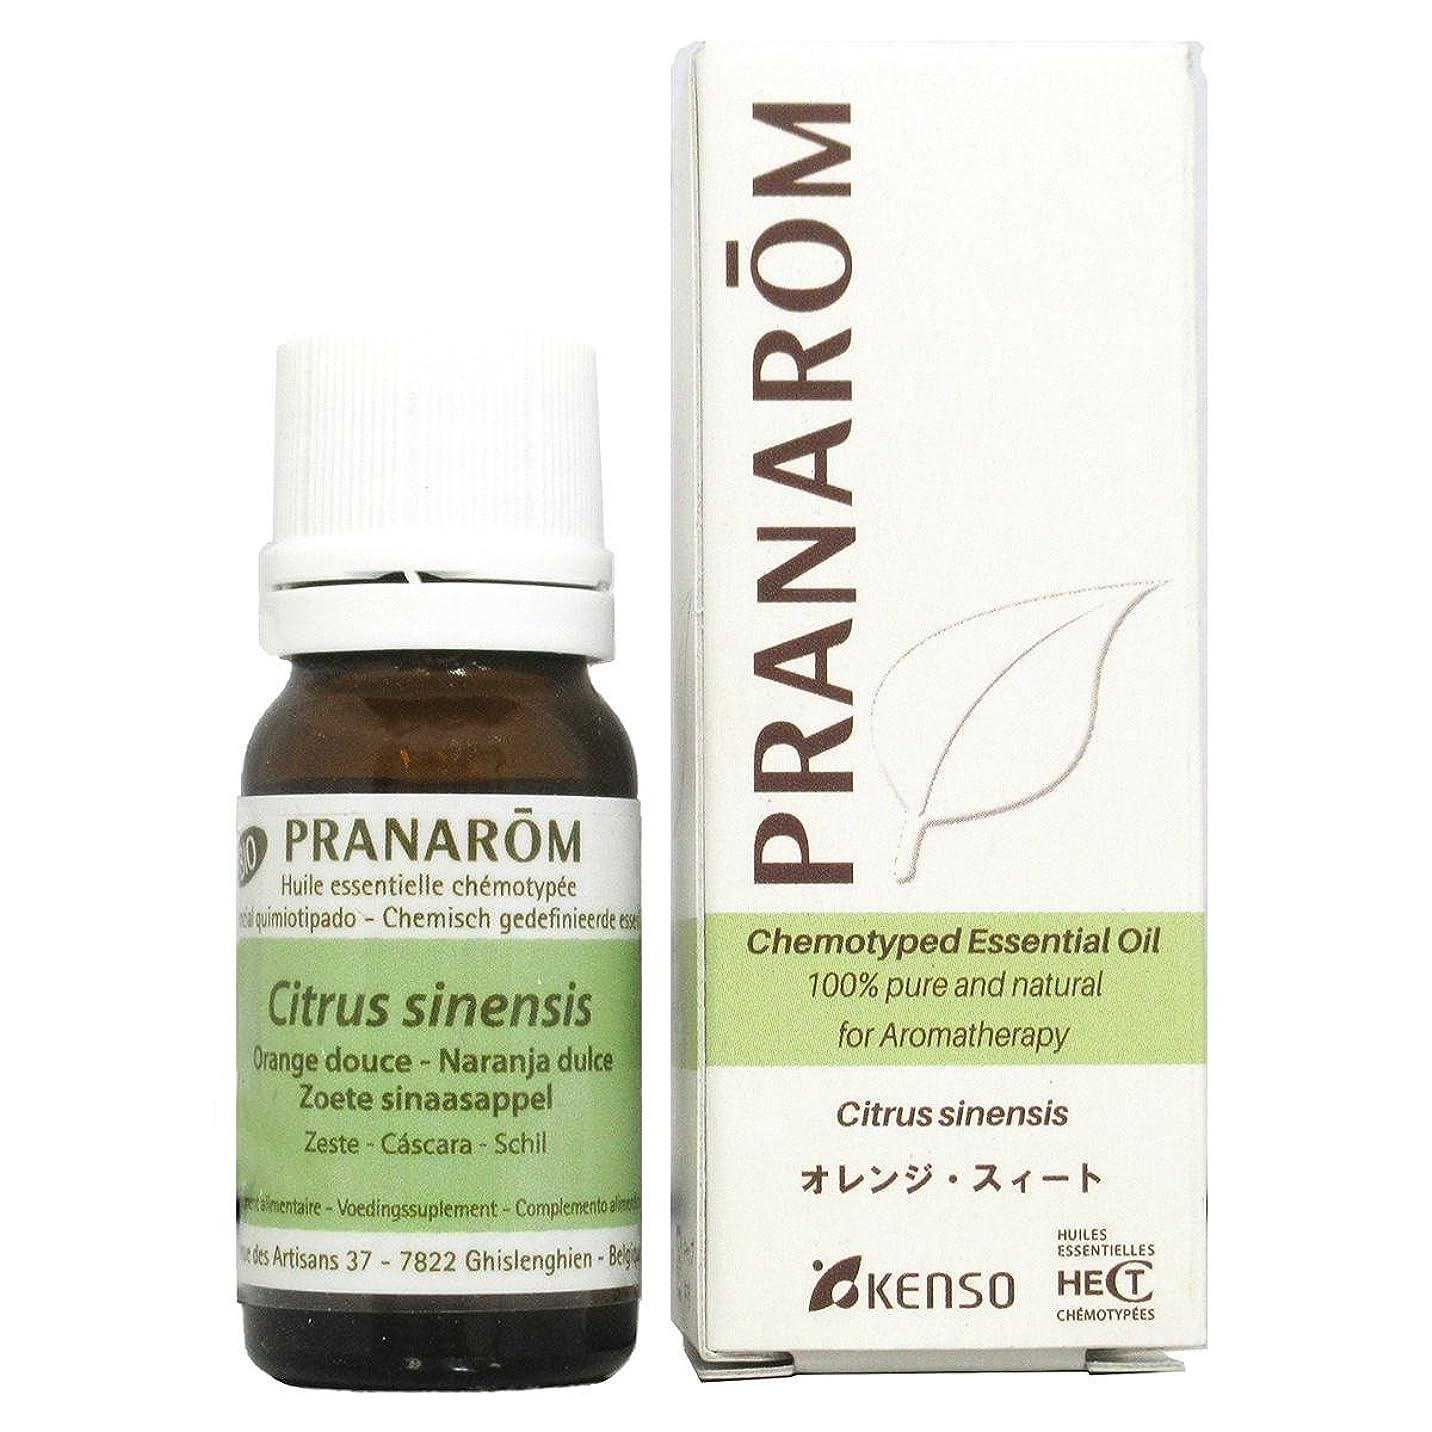 帰るインスタンス薄いプラナロム オレンジスウィート 10ml (PRANAROM ケモタイプ精油)